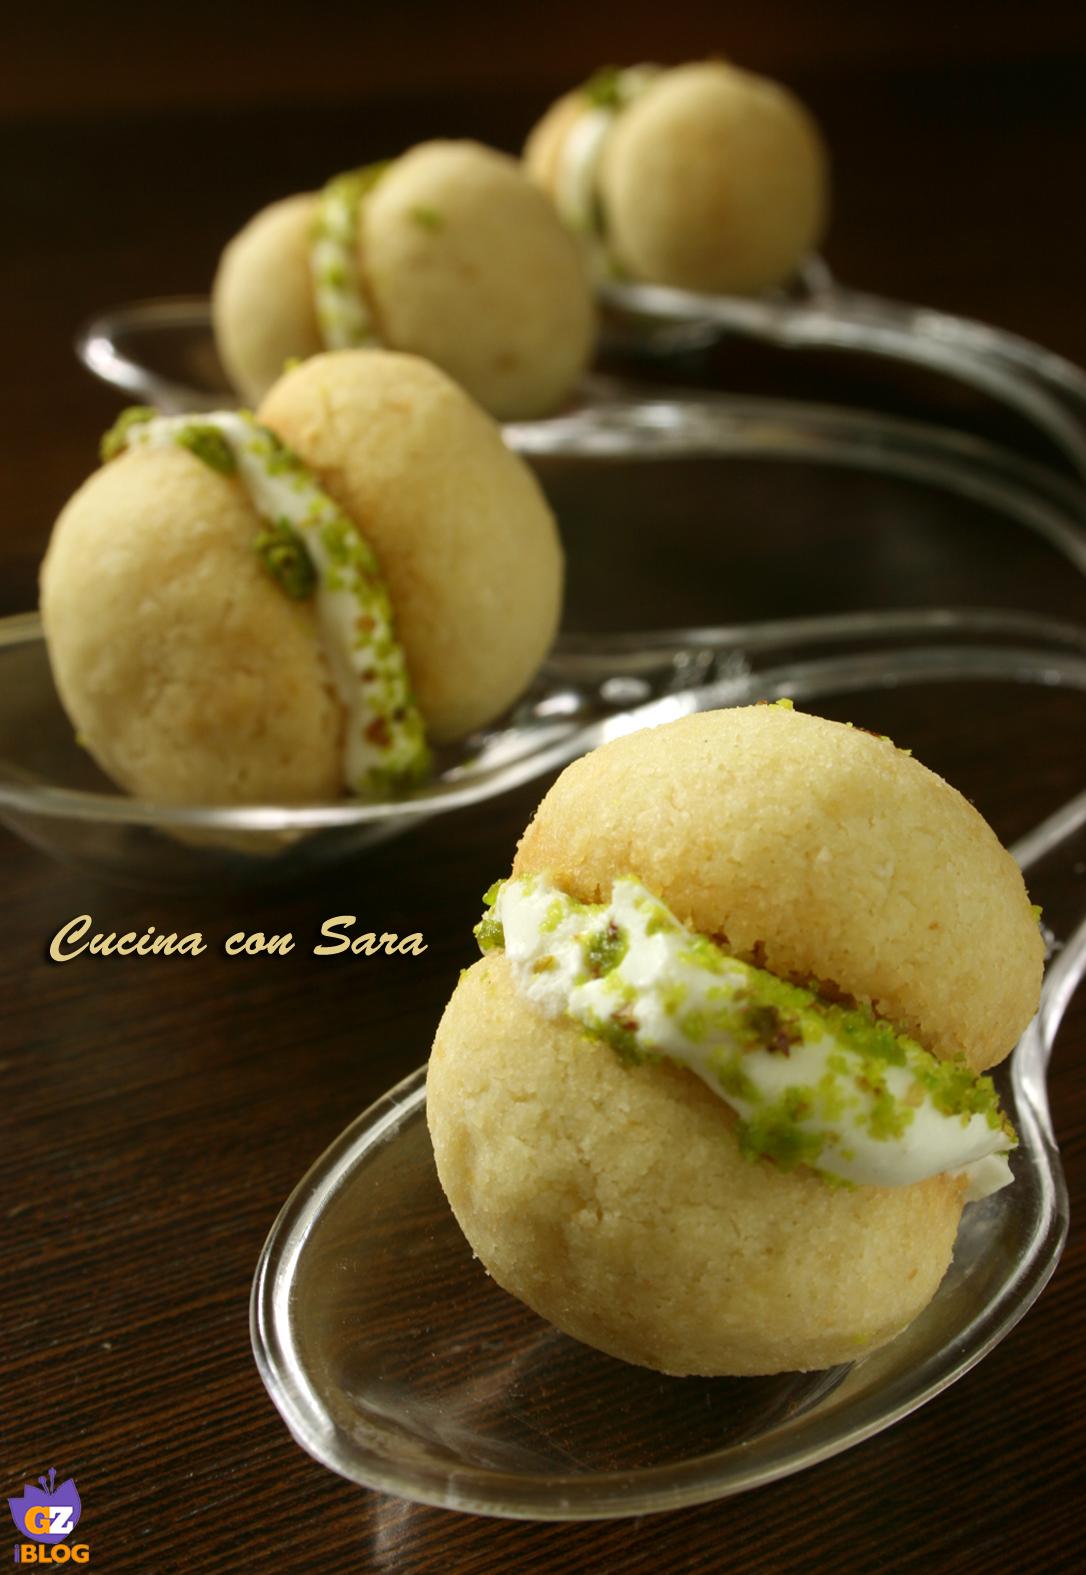 Baci di dama salati ricetta cucina con sara - Cucina con sara ...